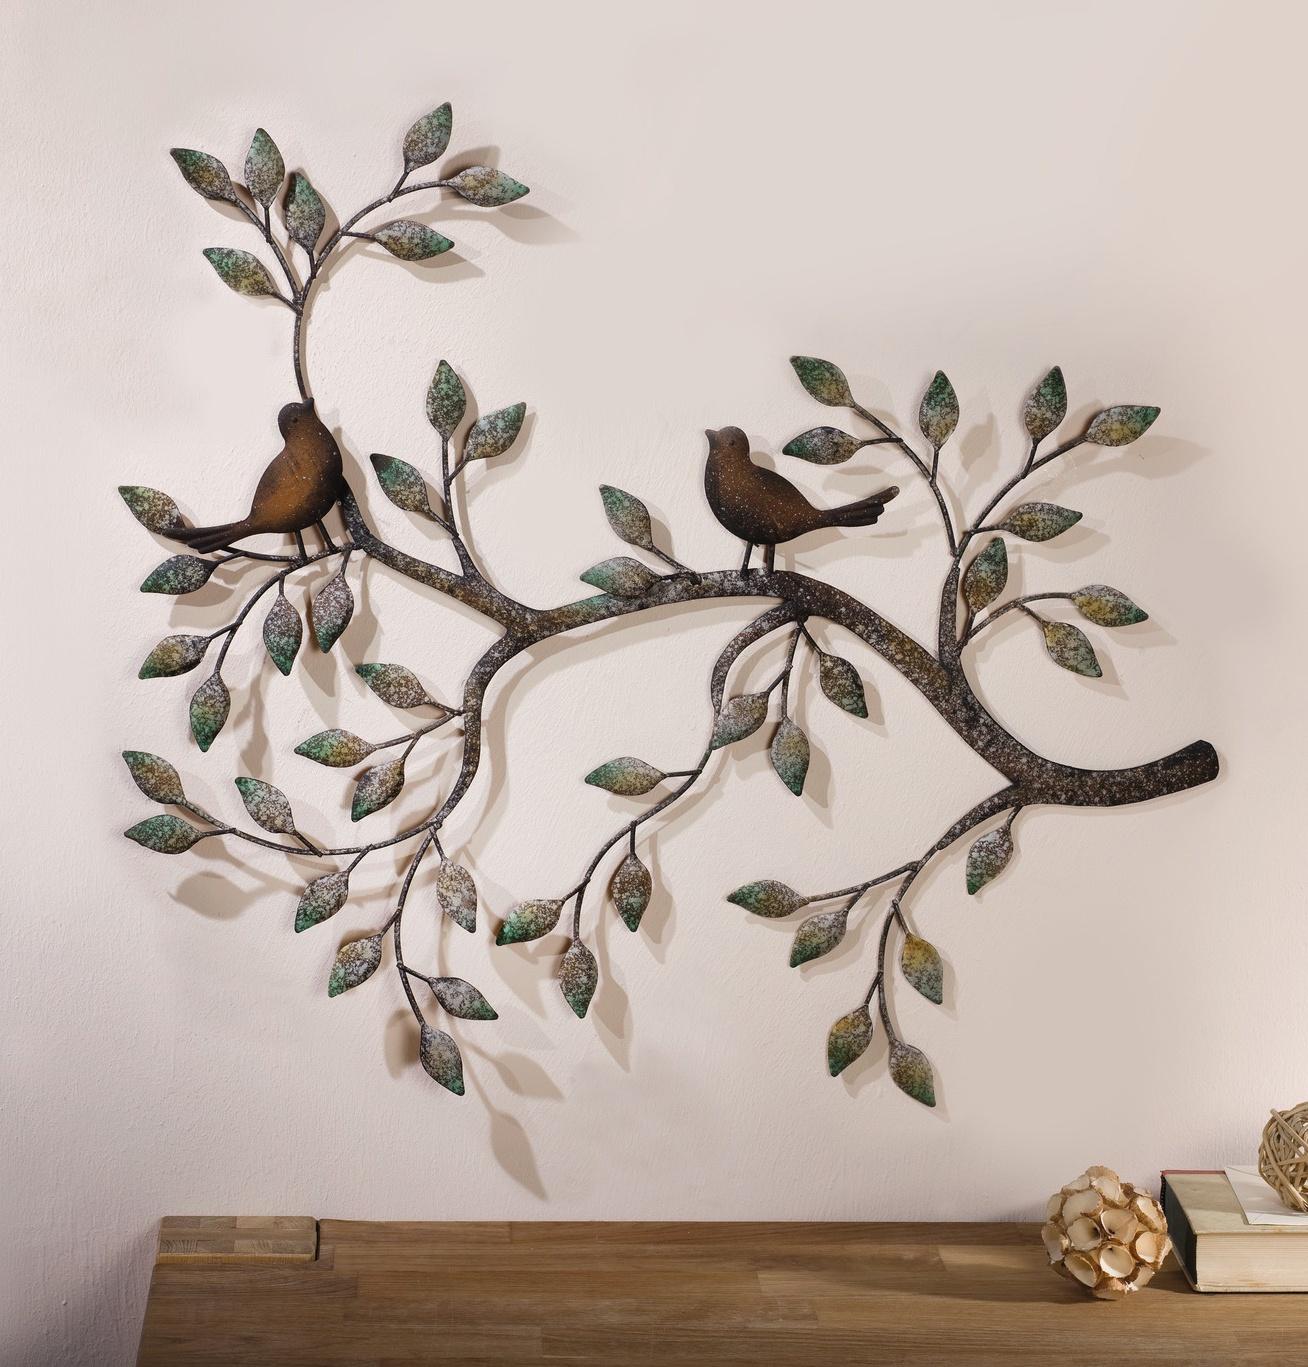 Настенное украшение Хит-декор Птички на ветке, 61 х 47 см набор бумажный декор птички djeco набор бумажный декор птички